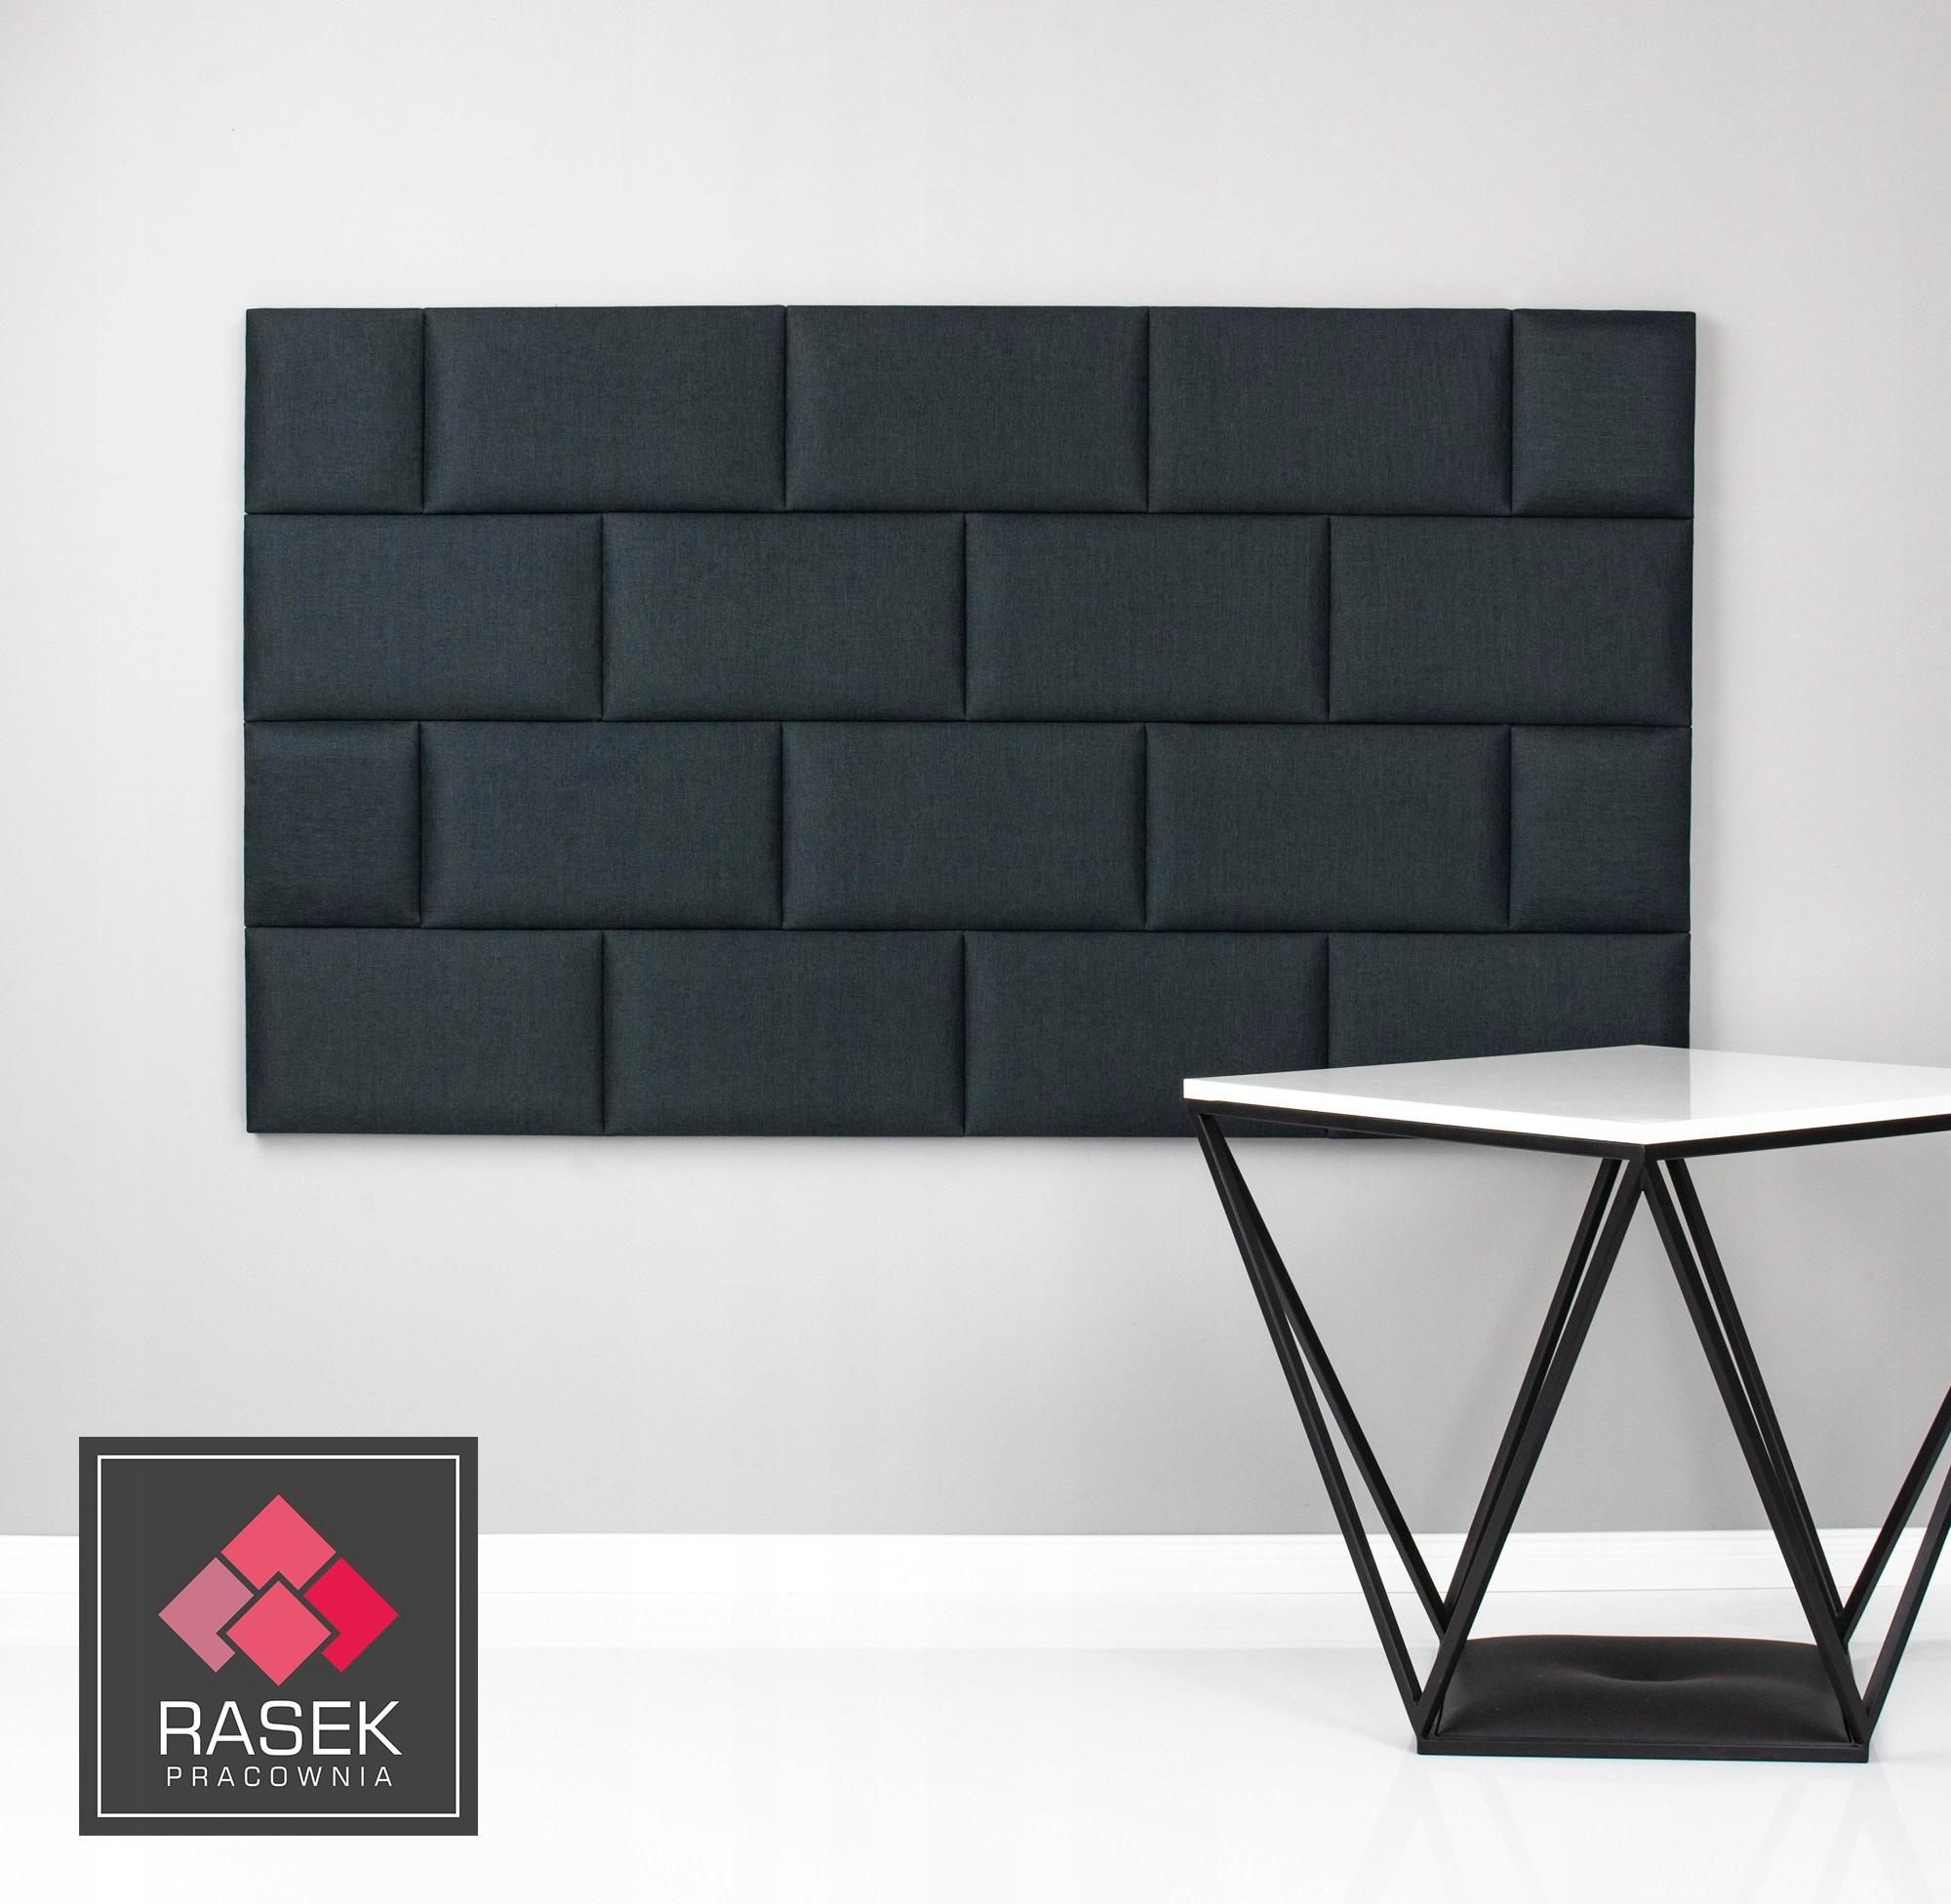 PANELE TAPICEROWANE CLASSIC - 60 x 30 Kształt wzoru prostokąty